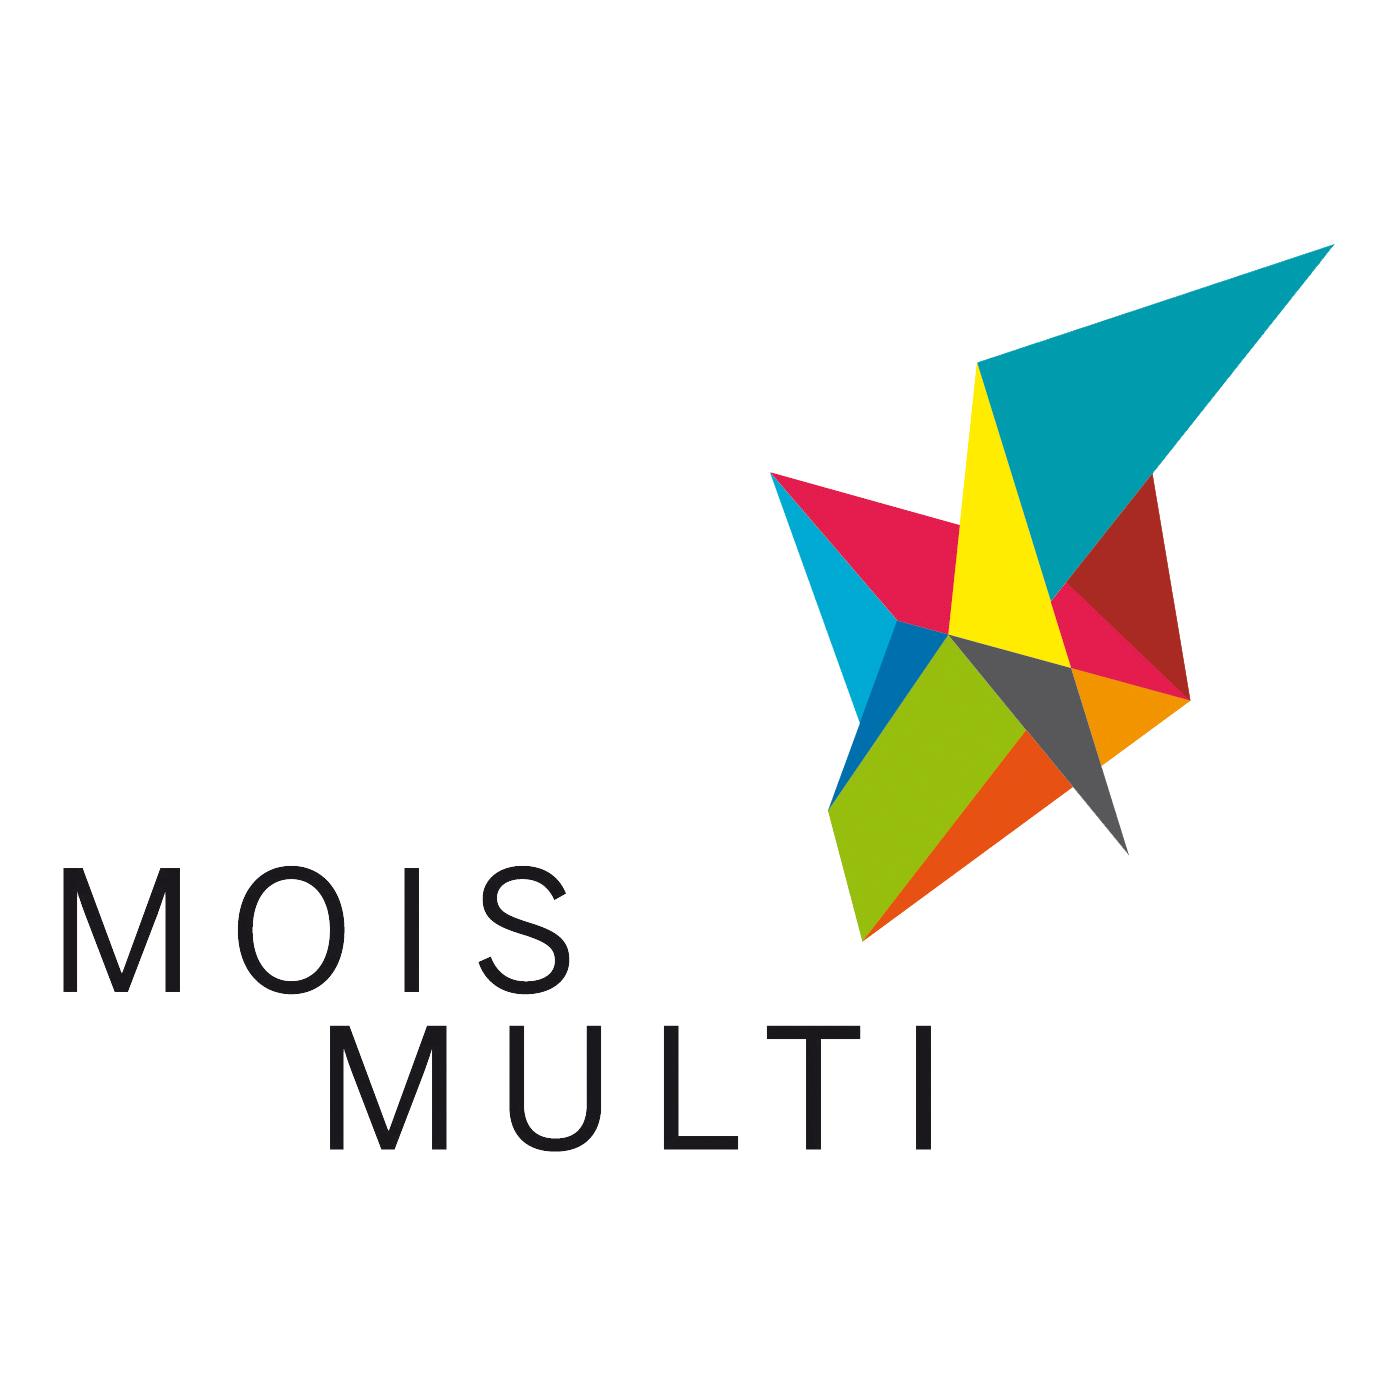 Mois-Multi-2016-RGB